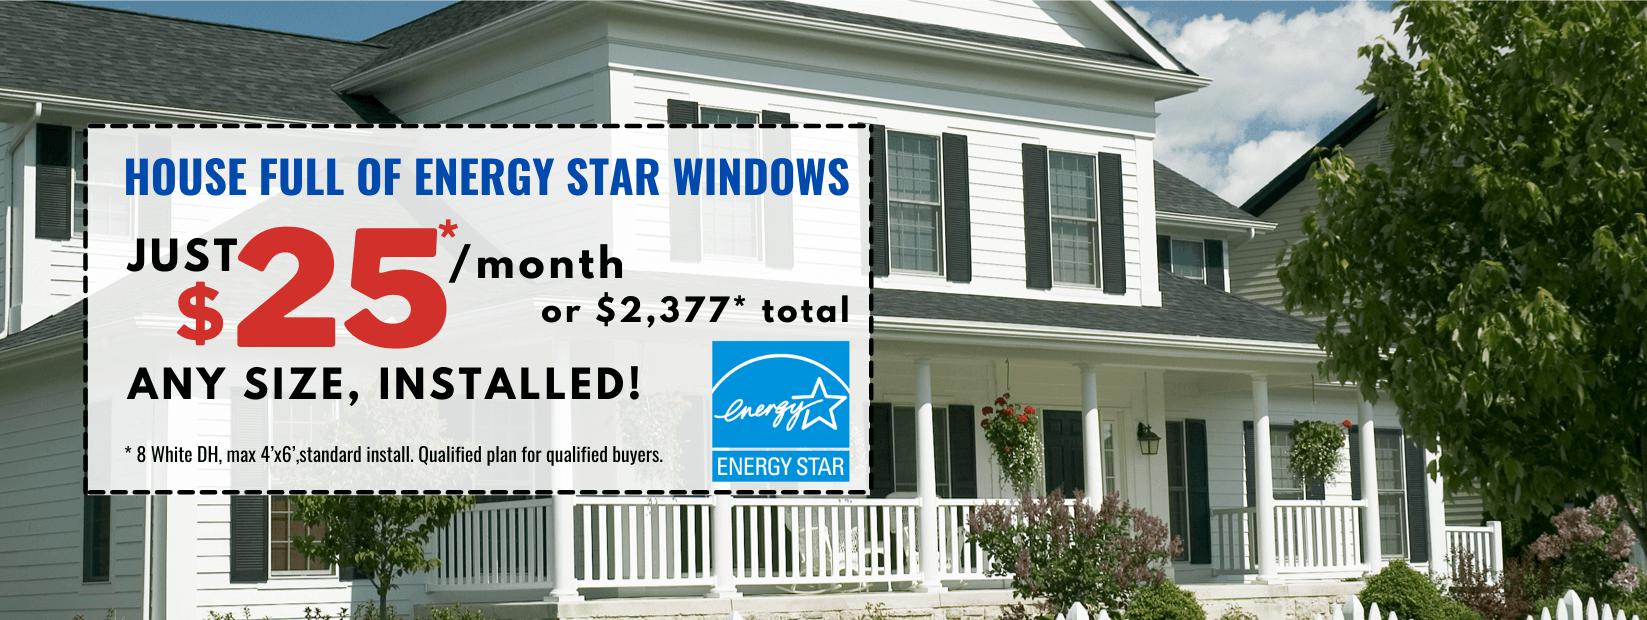 Energy Star Windows Binghamton, NY